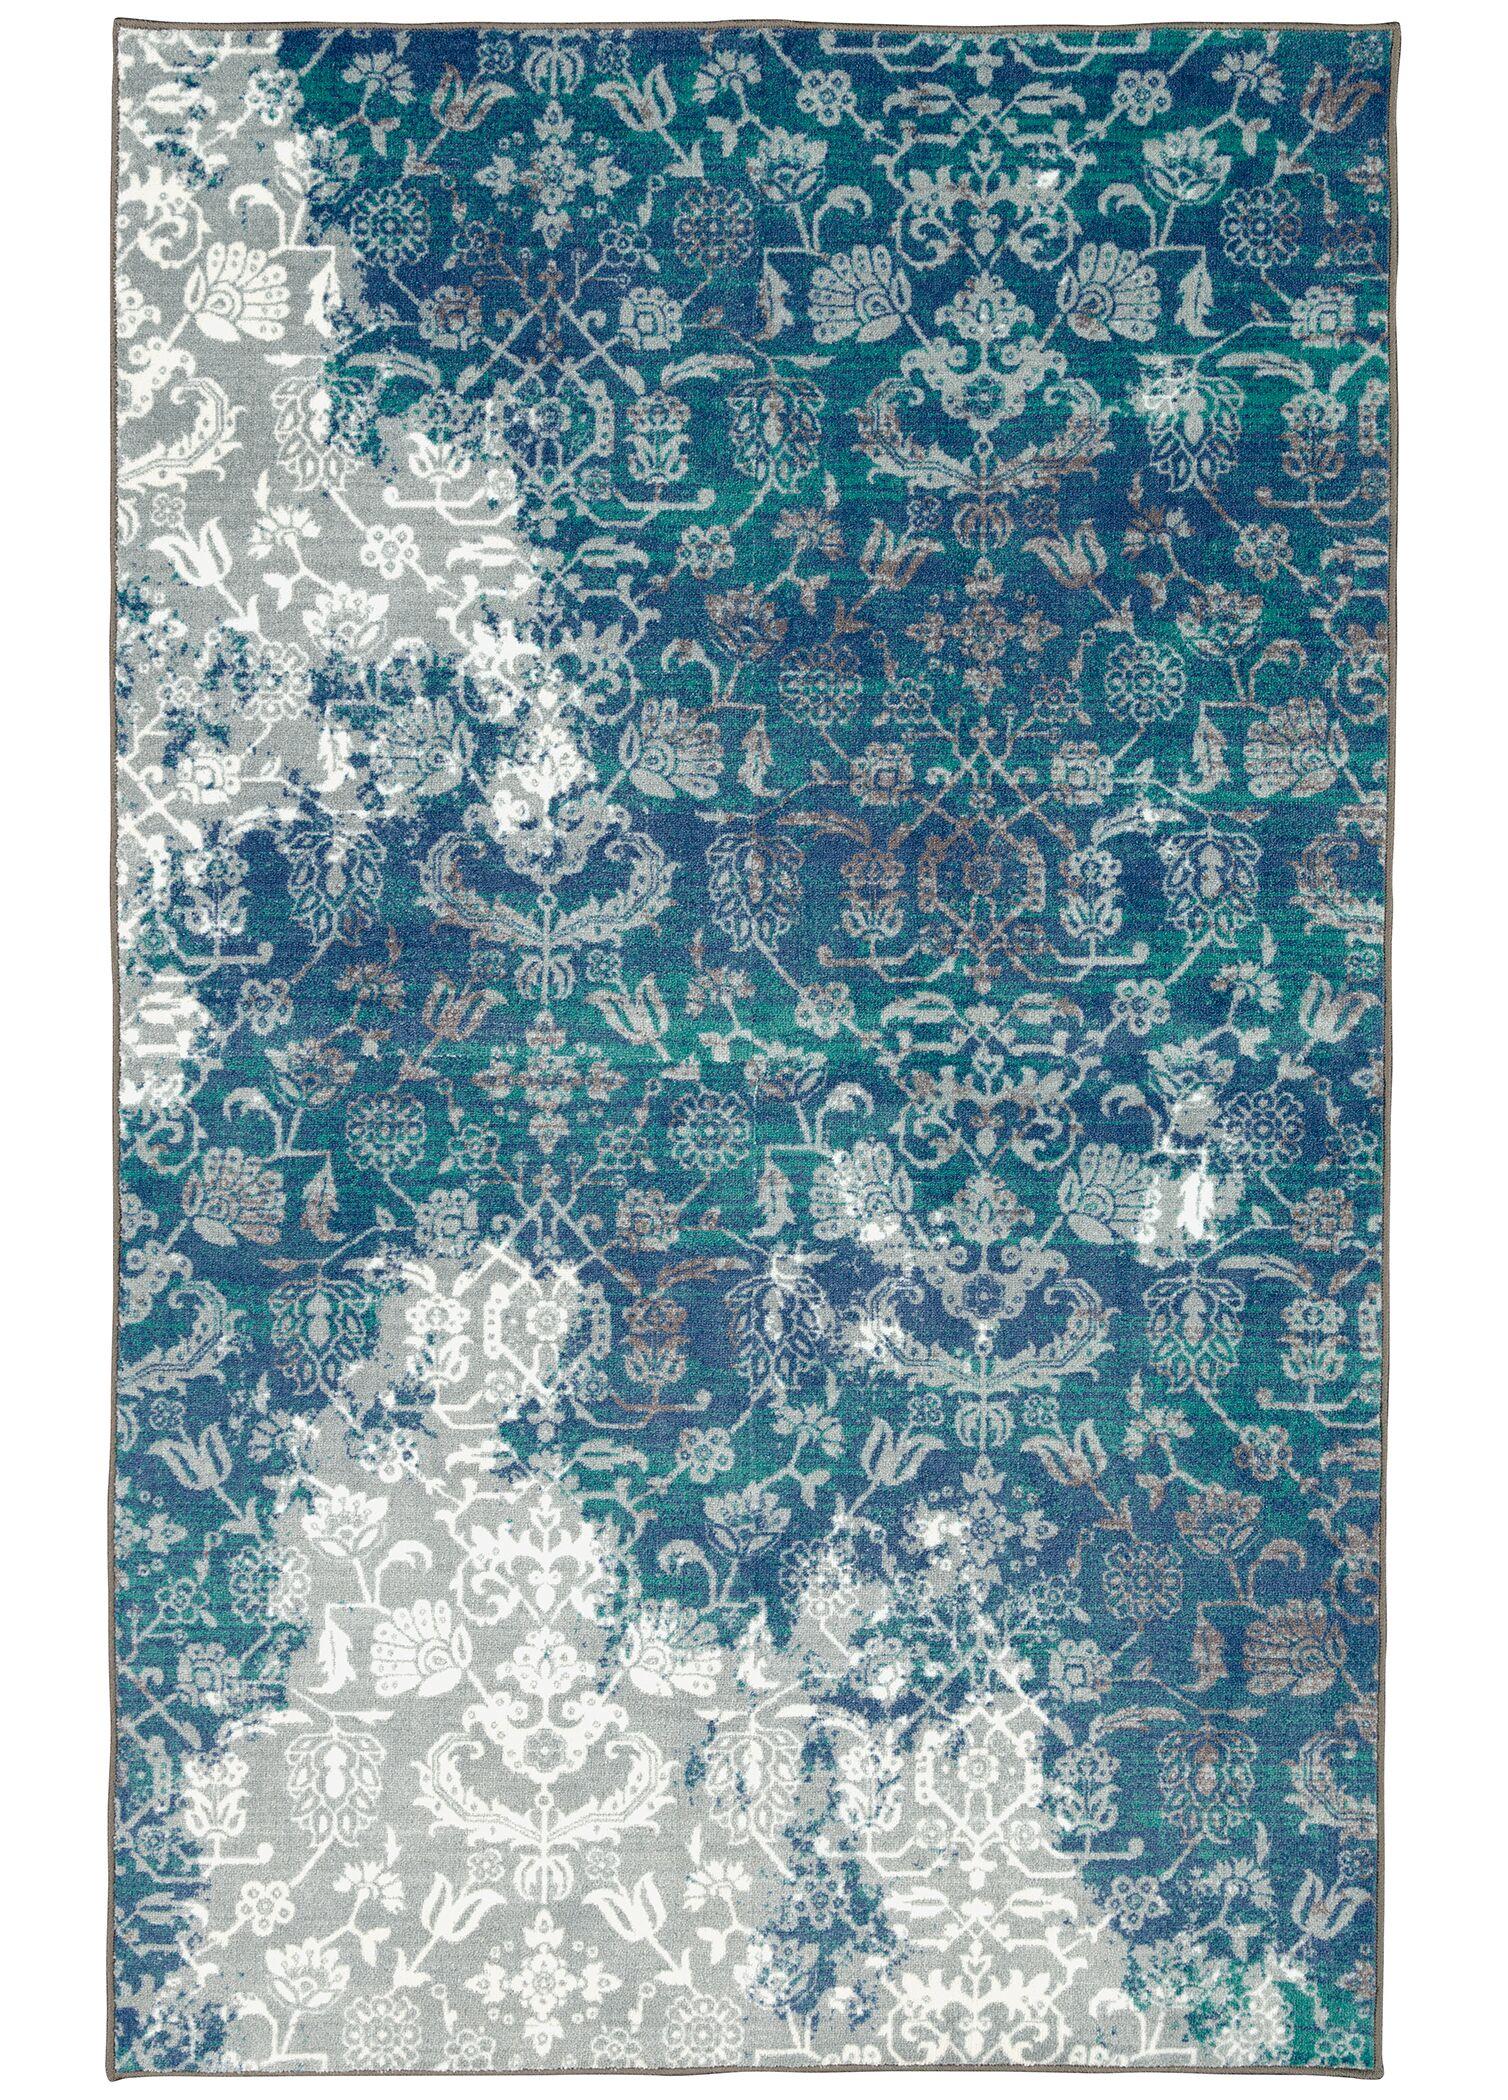 Asherman Aqua/Blue Area Rug Rug Size: Rectangle 7'6